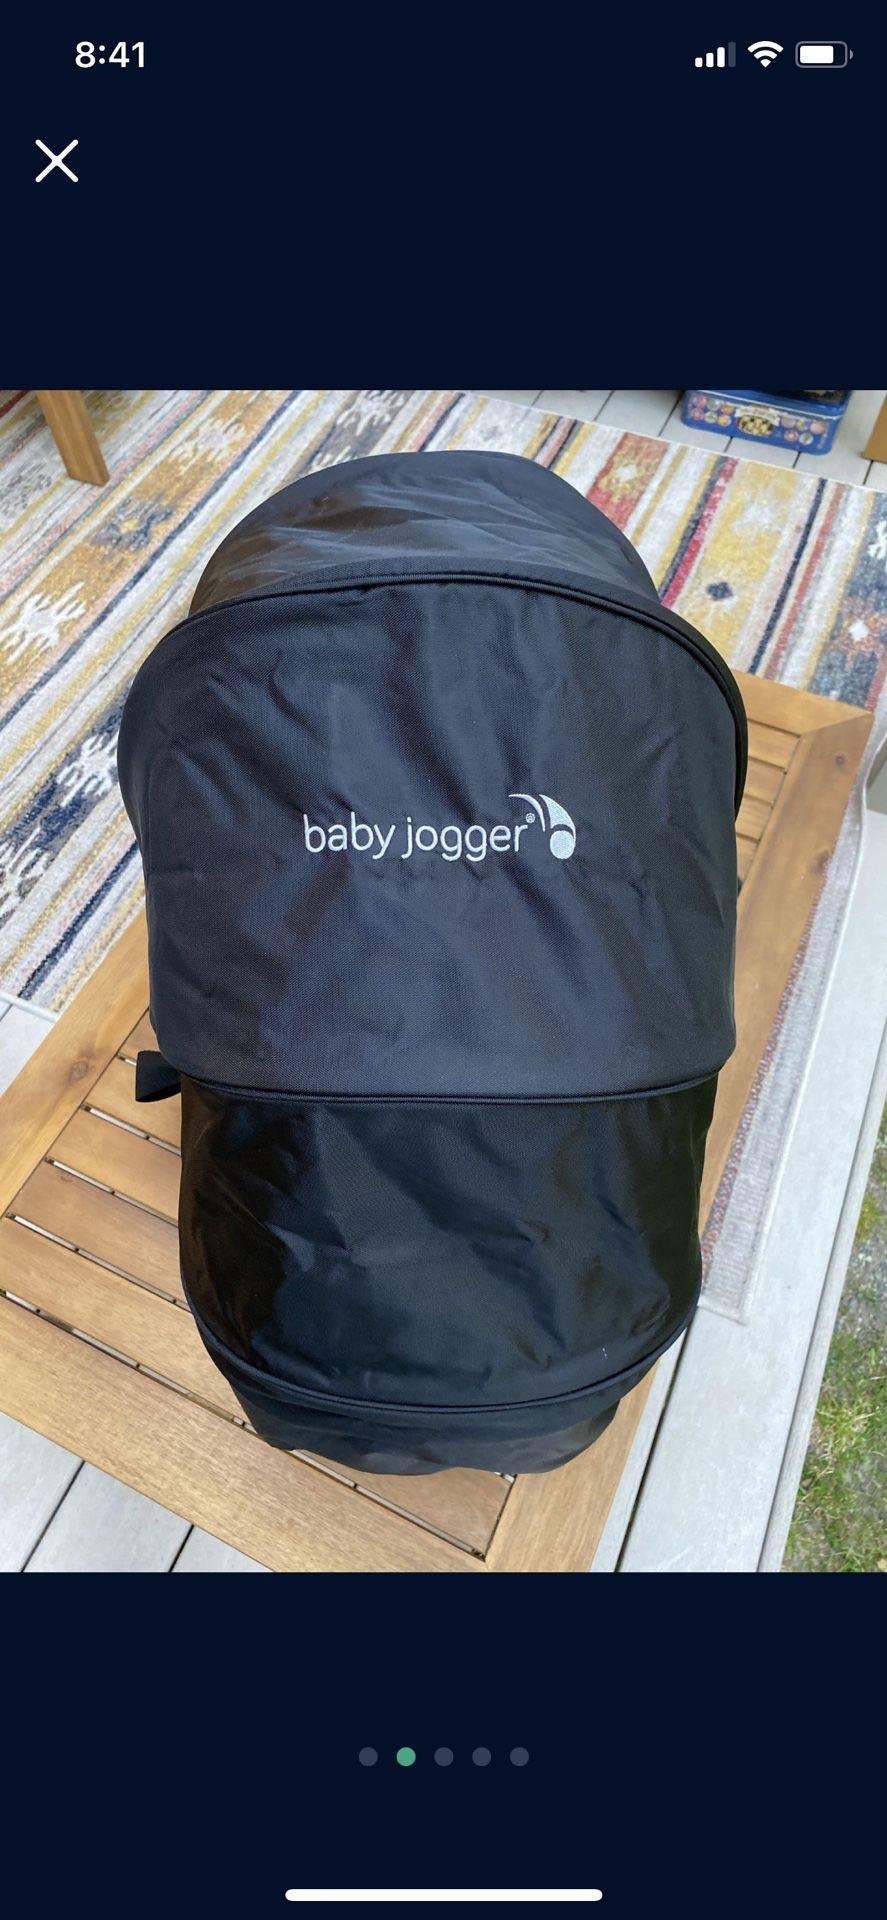 Baby Jogger Bassinet For Stroller